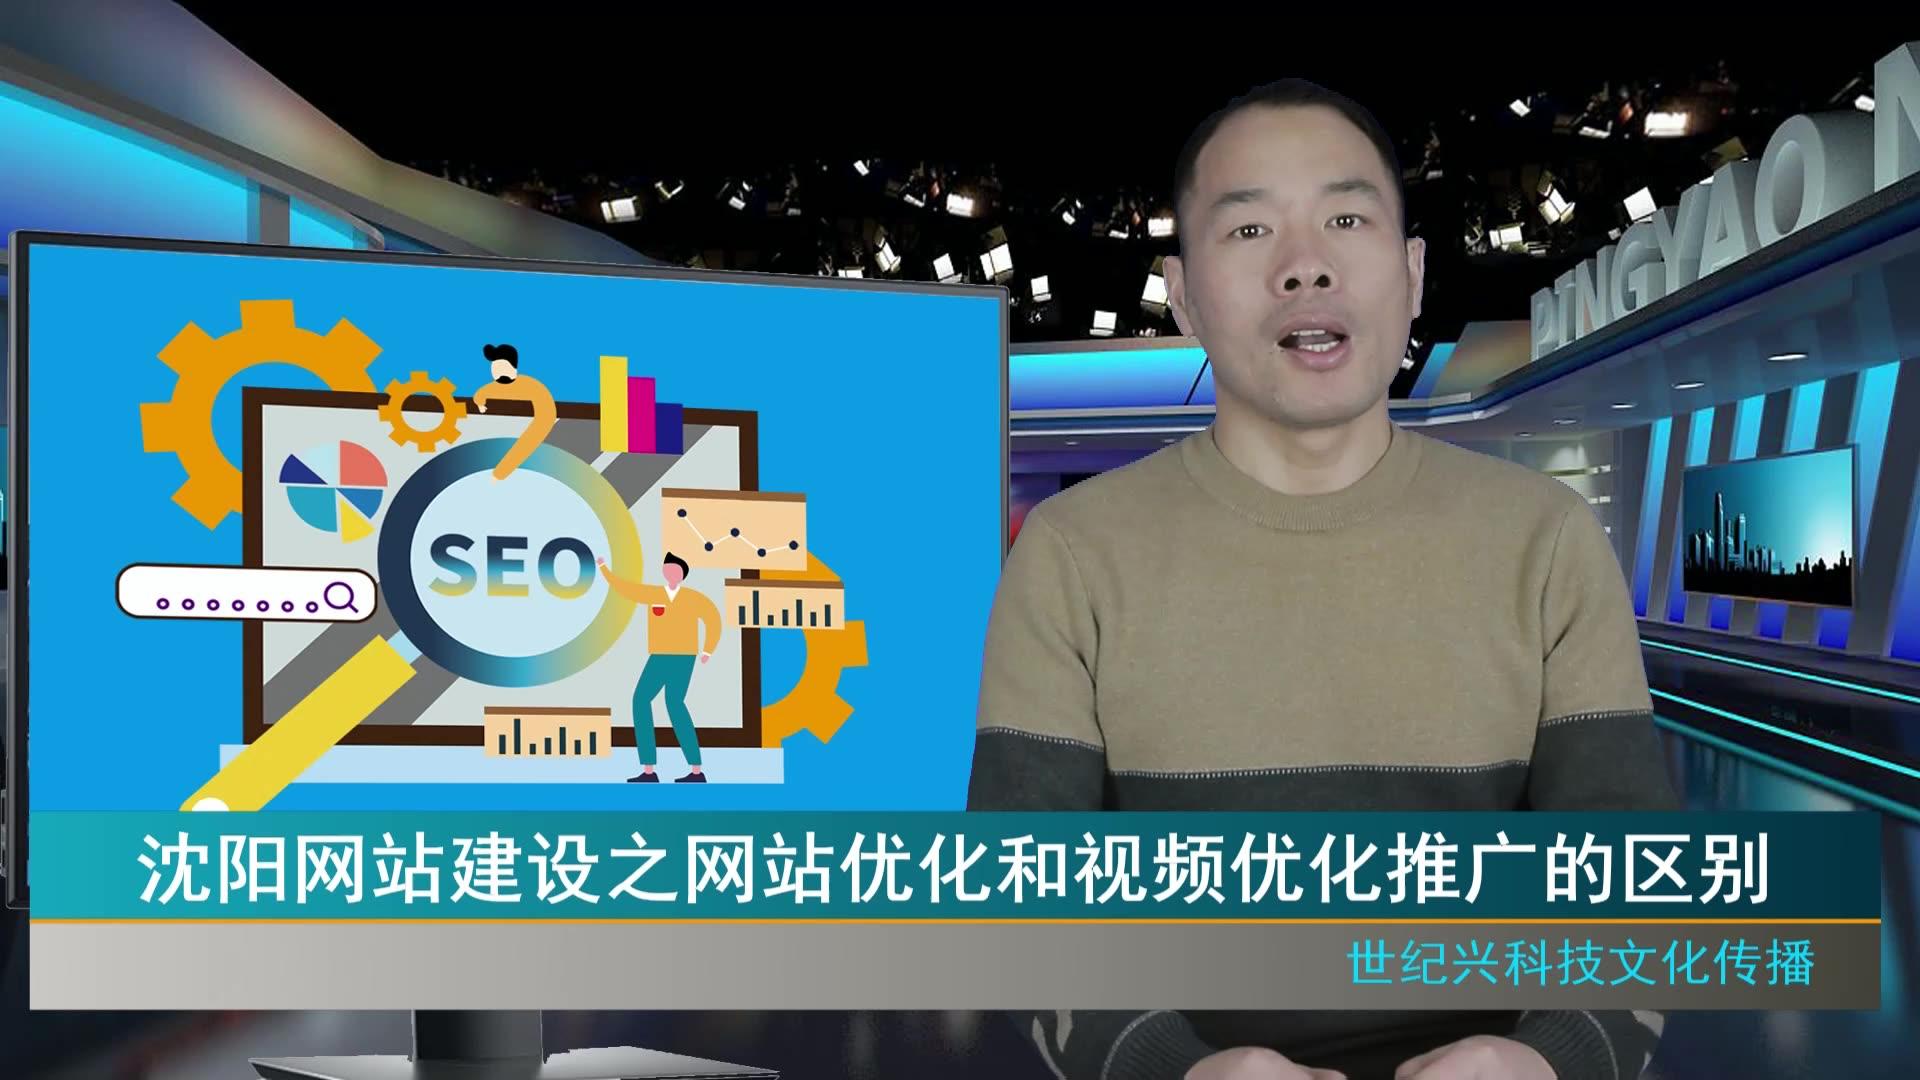 沈阳网站建设之网站优化和视频优化推广的区别